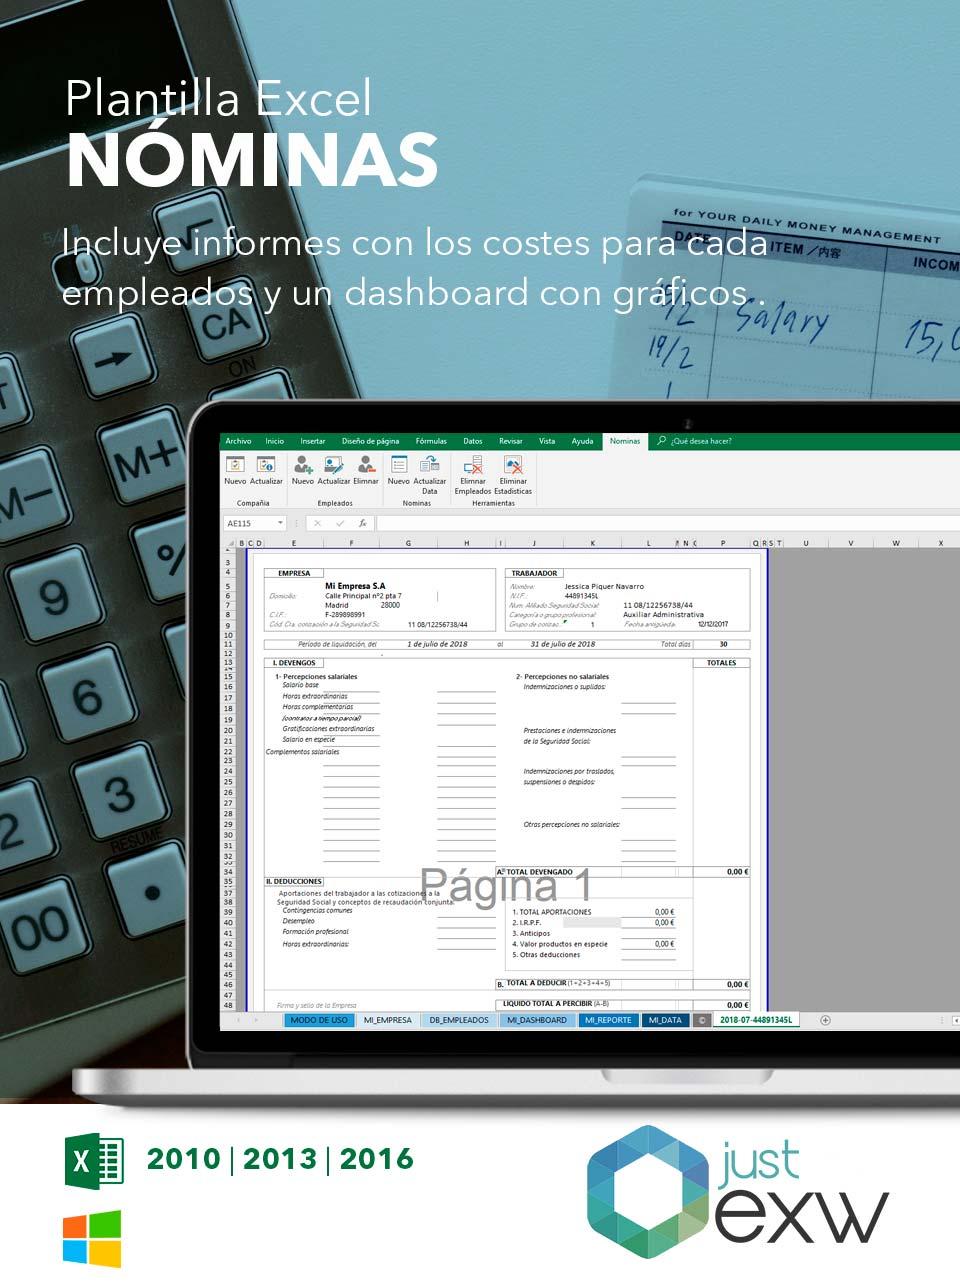 Plantilla de liquidación para Excel | Plantilla para descargar